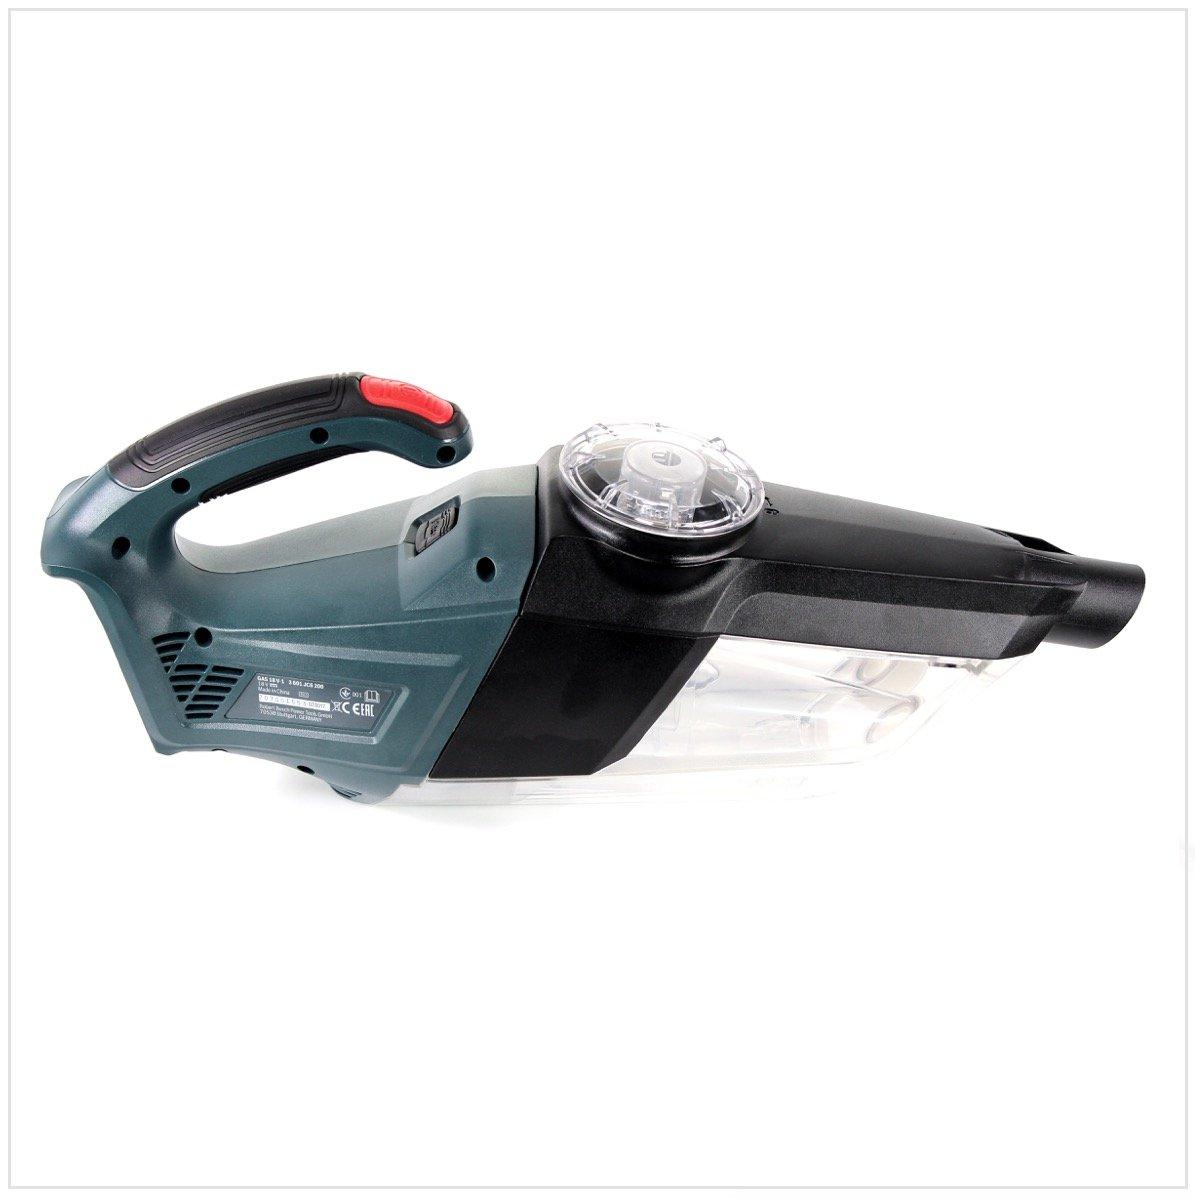 Bosch GAS 18V-1 Professional Li-Ion Akku Staubsauger Hand Sauger + 1x GBA 6,0 Ah Akku + GAL 1880 CV Ladegerät